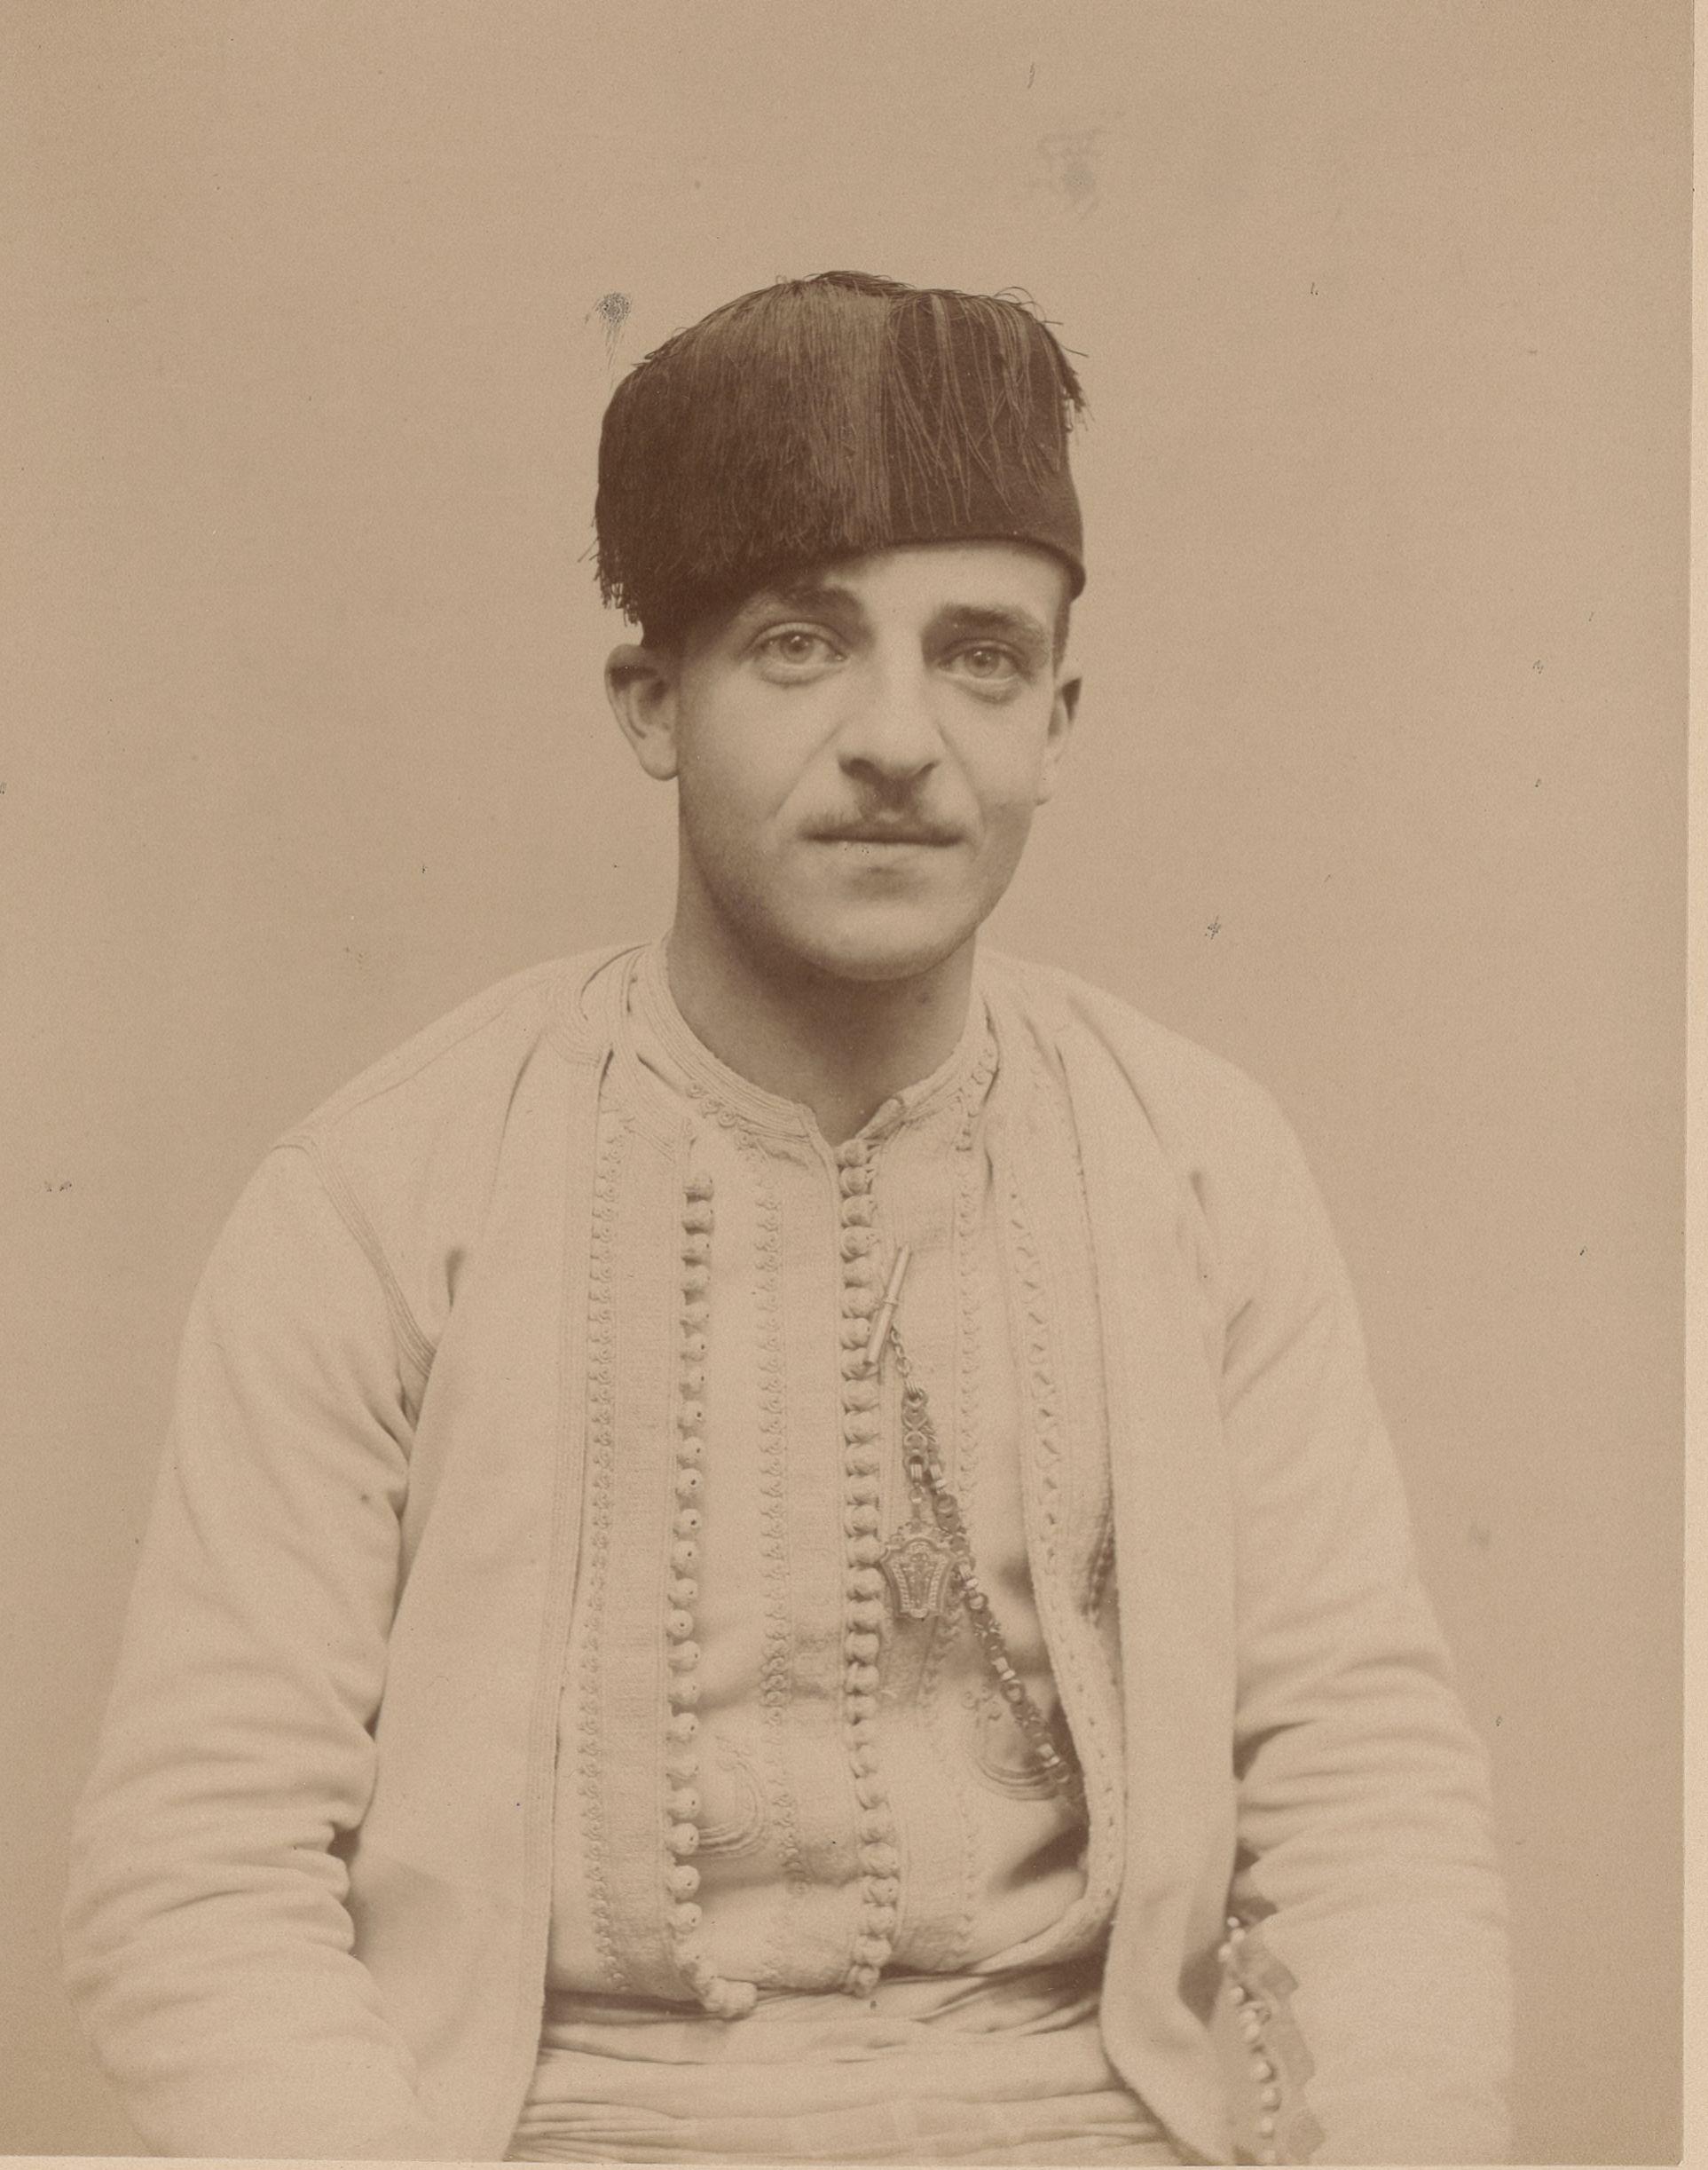 Месгич (Исаак) 24 года, родился в Алжире, сотрудник коммуны